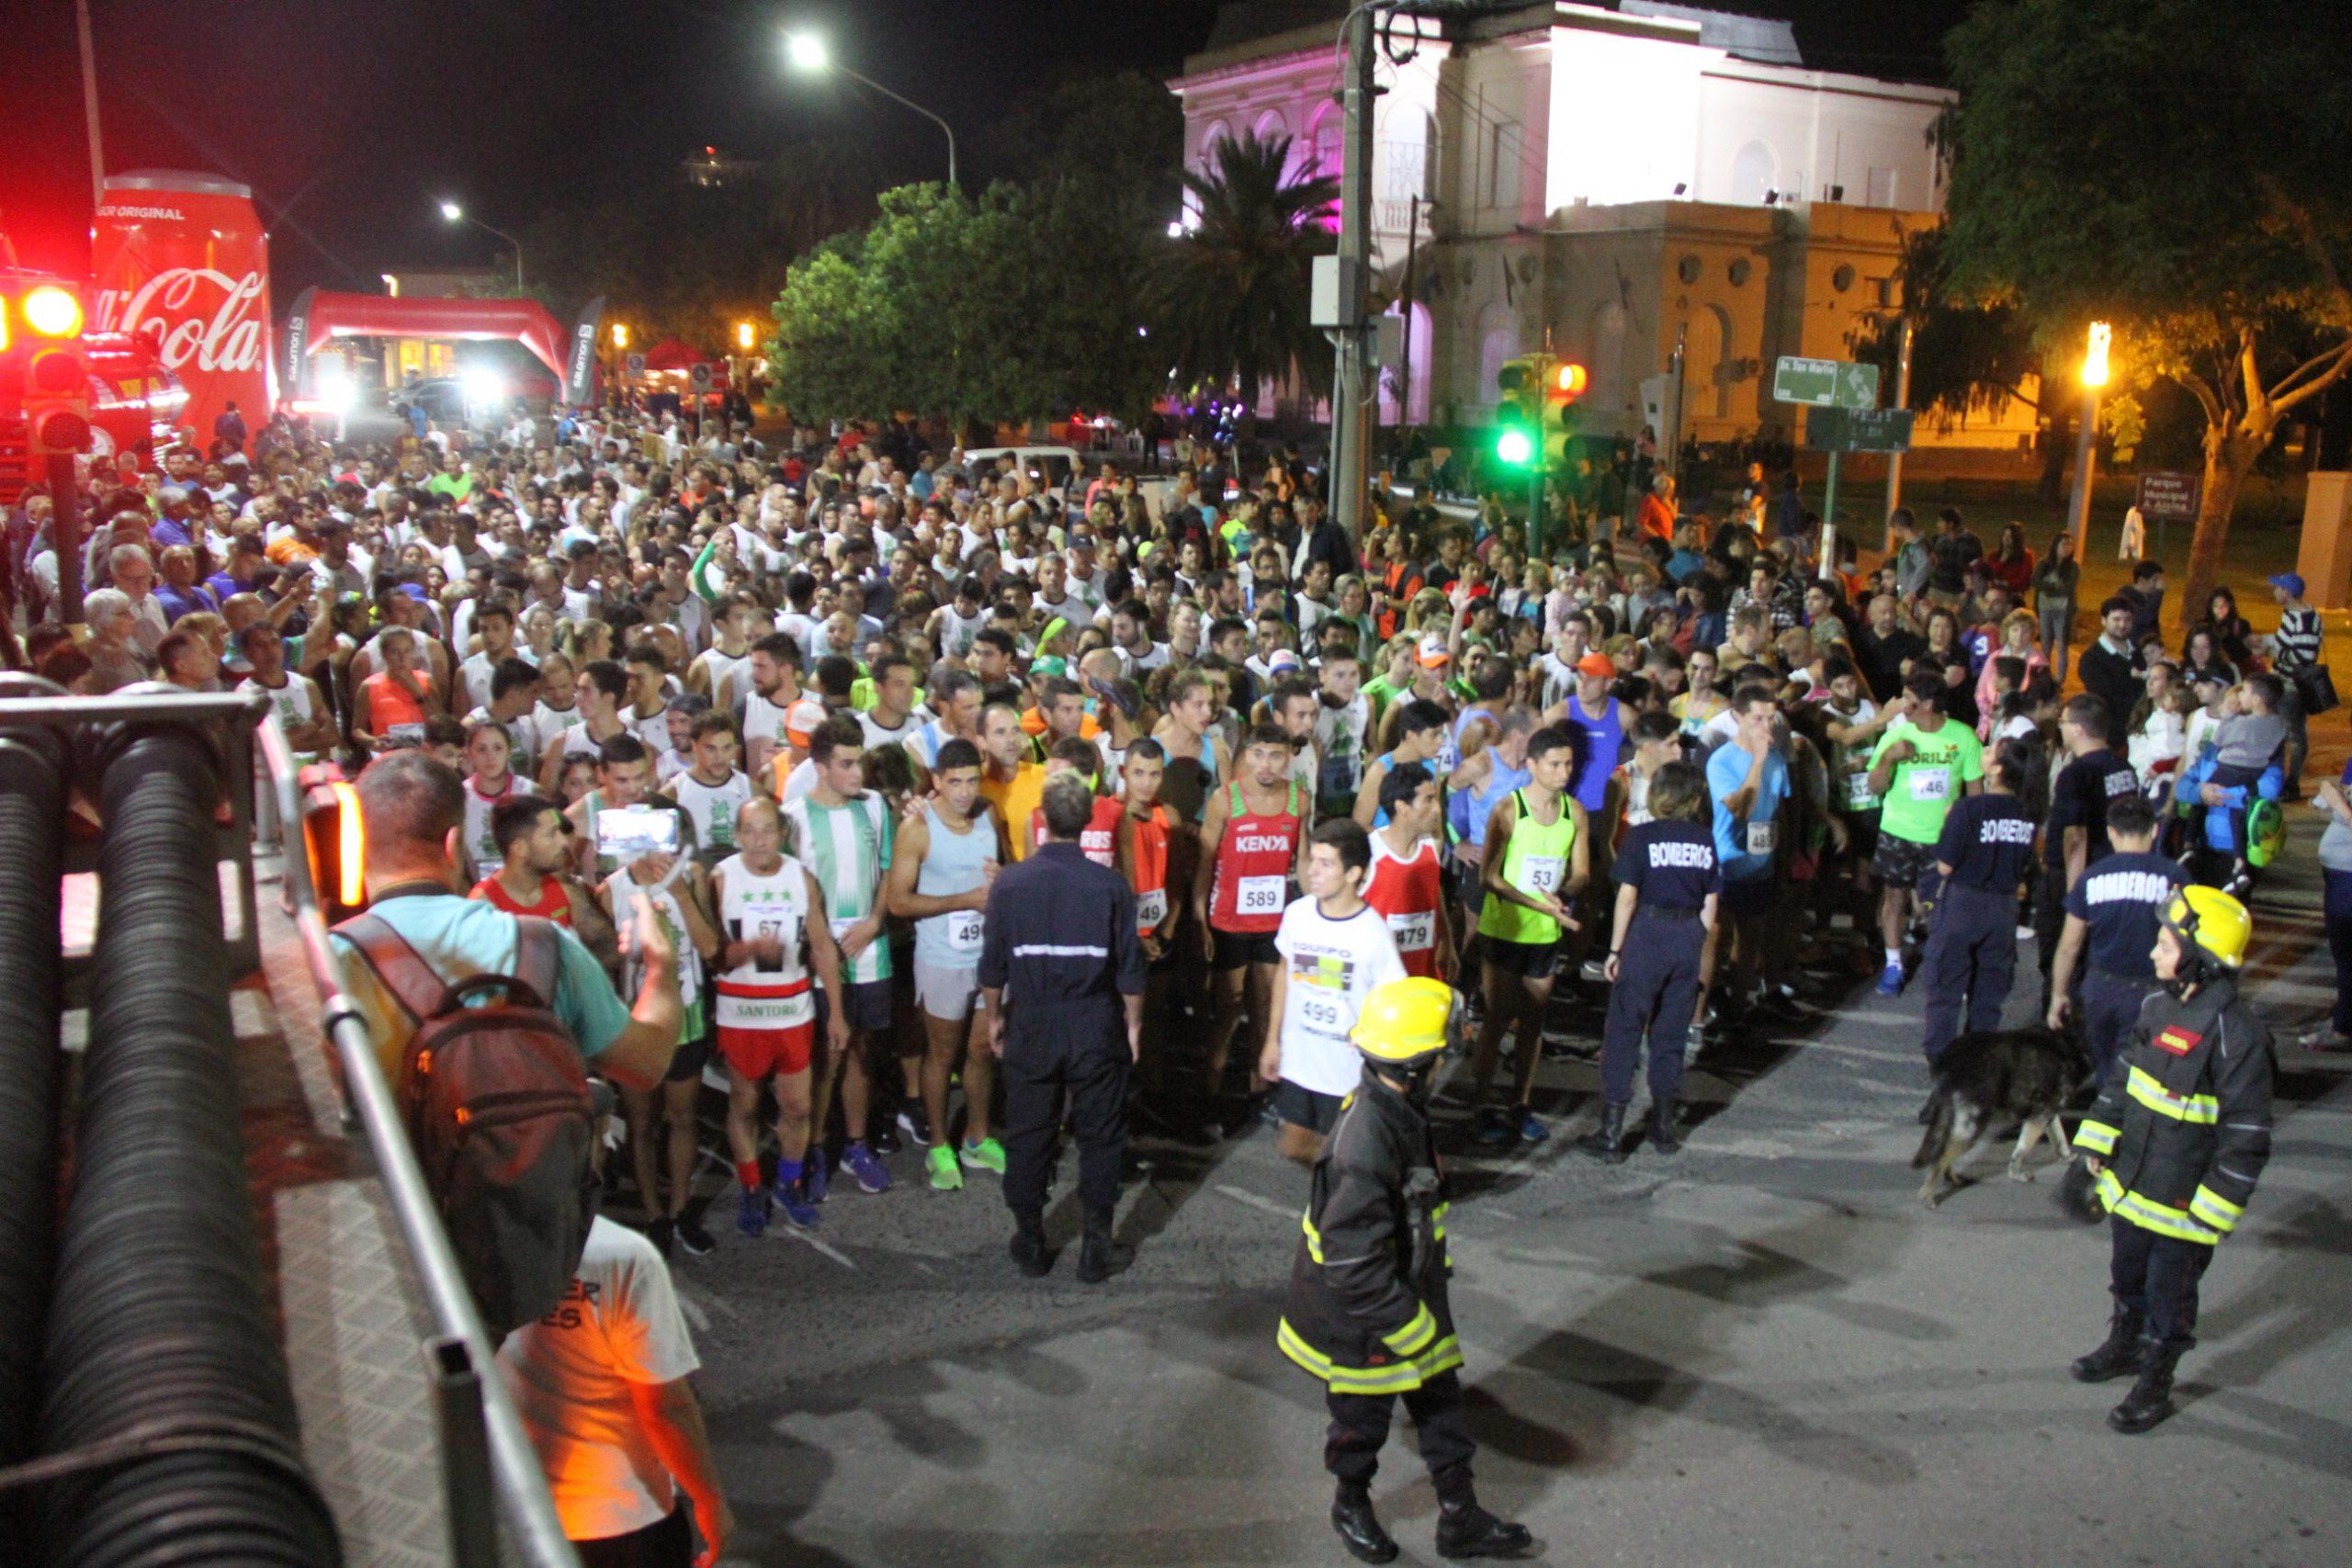 Medio millar de inscriptos en una destacadísima carrera nocturna organizada por los Bomberos Voluntarios